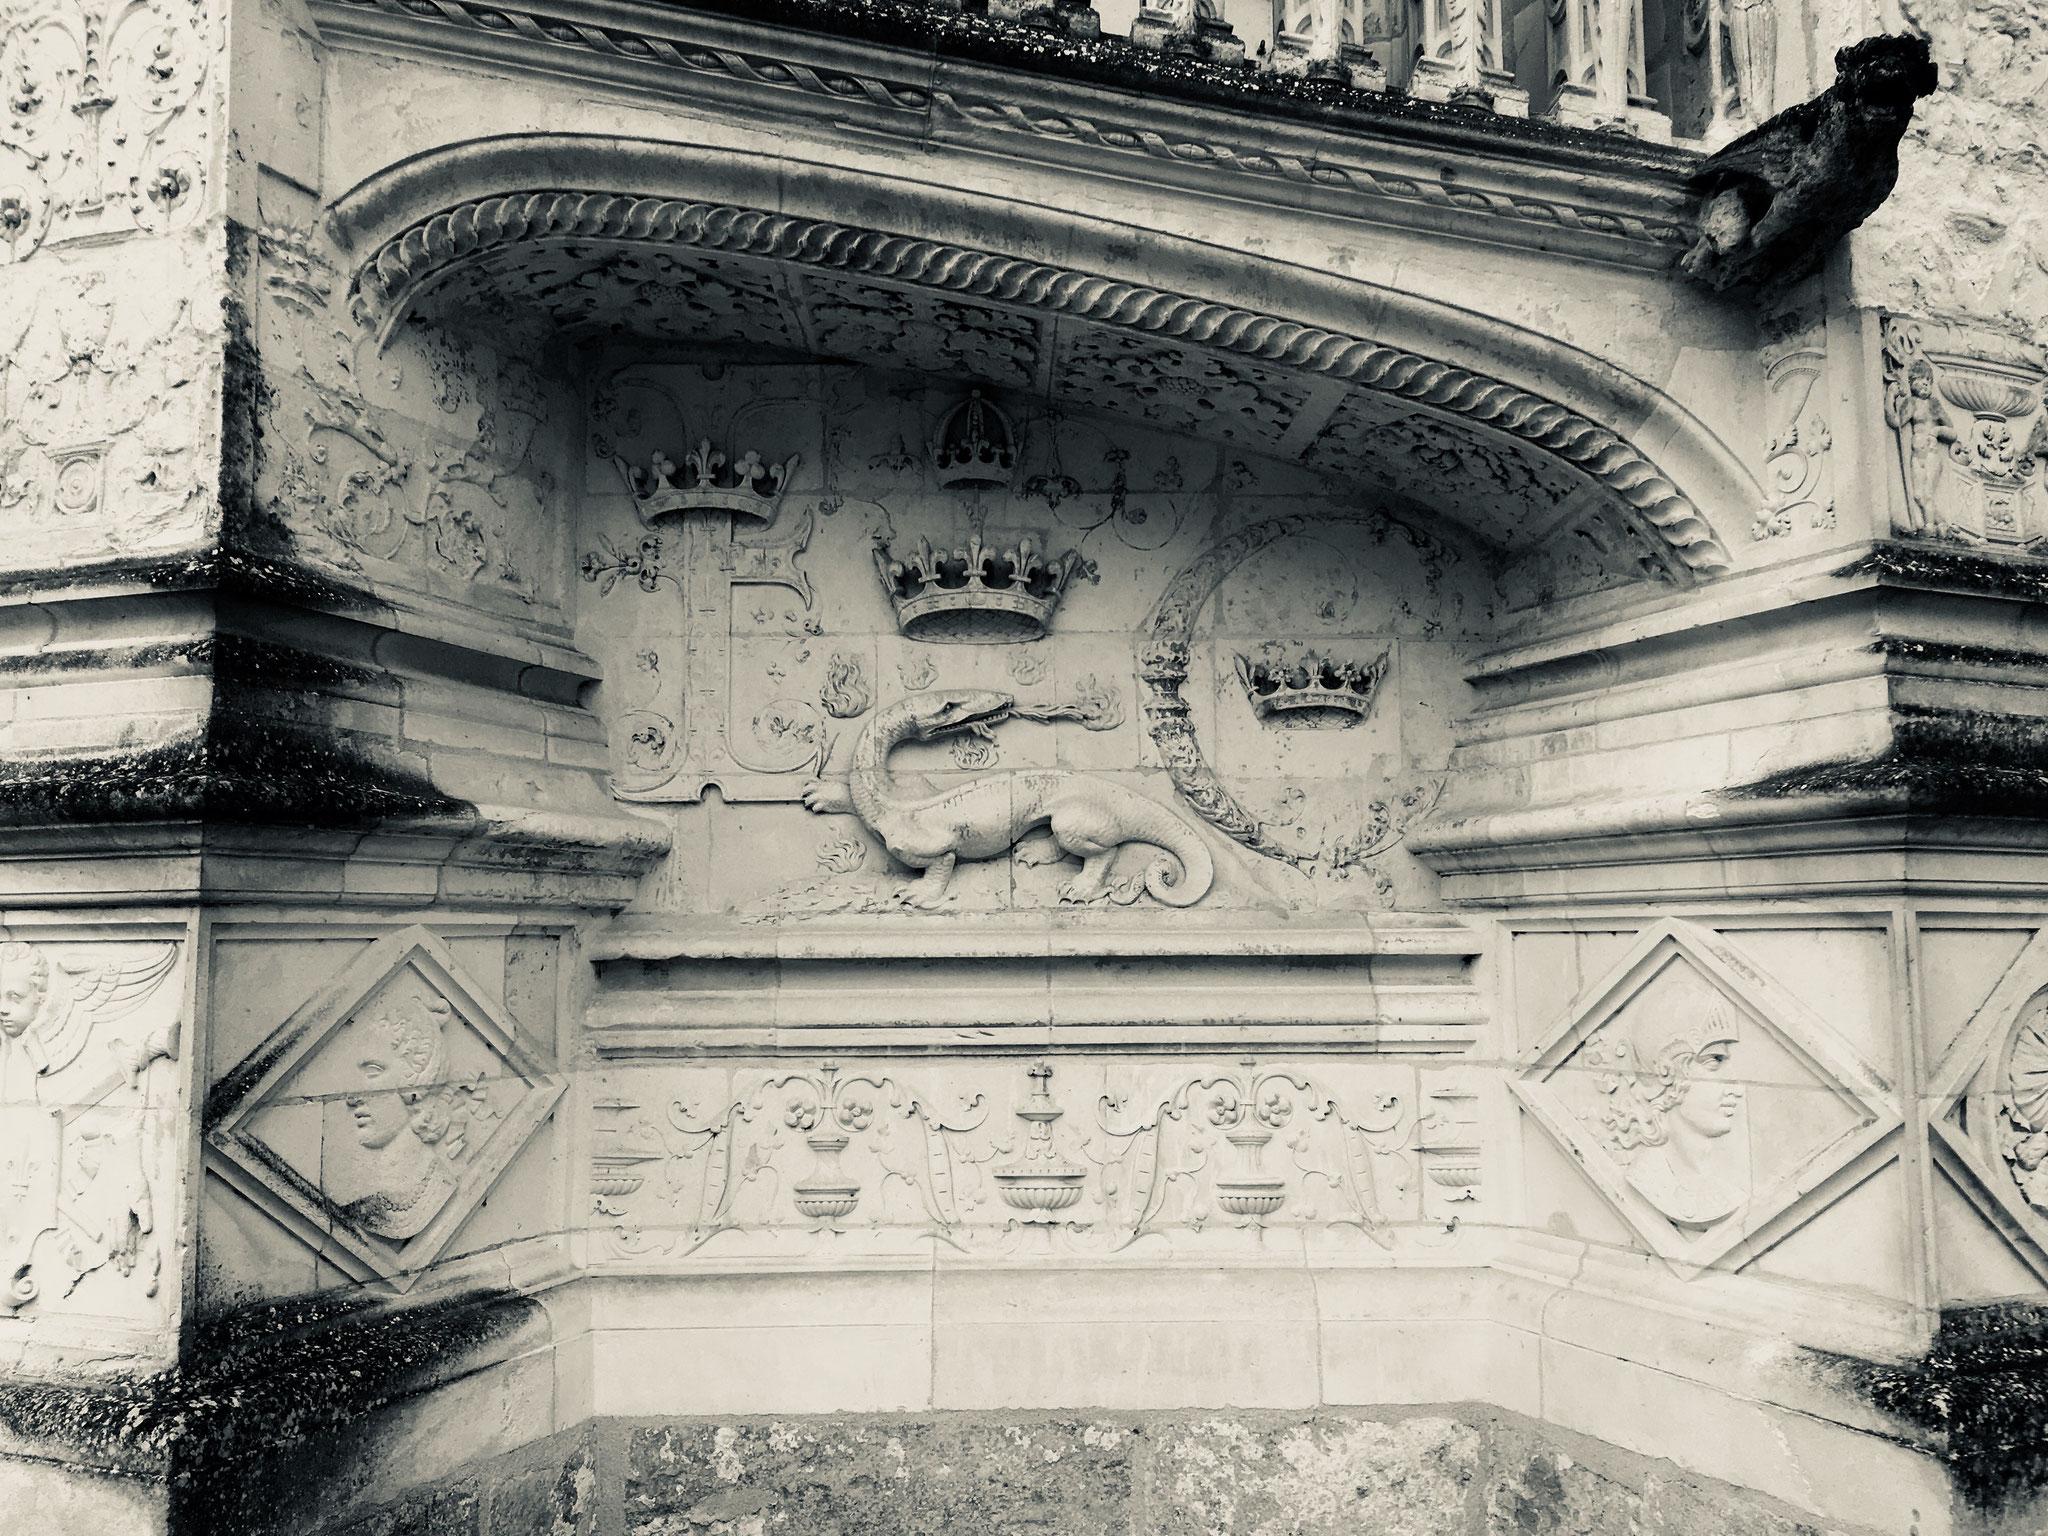 Détail architectural, la salamandre comme symbole royal de l'époque.